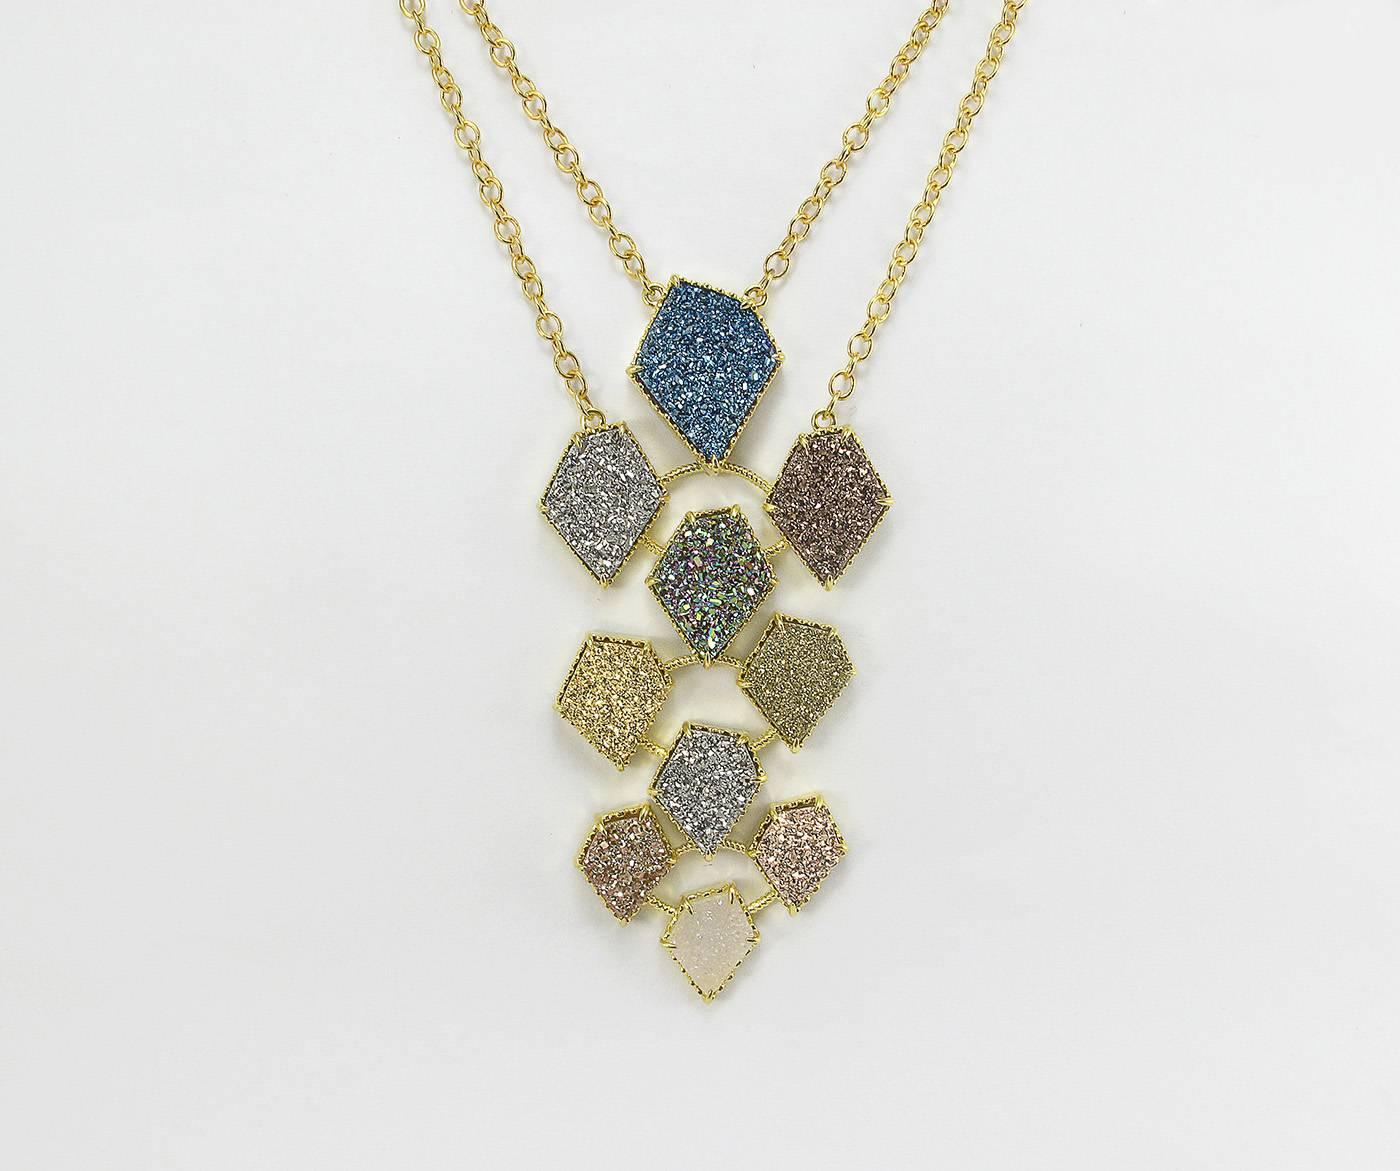 Meteorite Pendant Jewelry